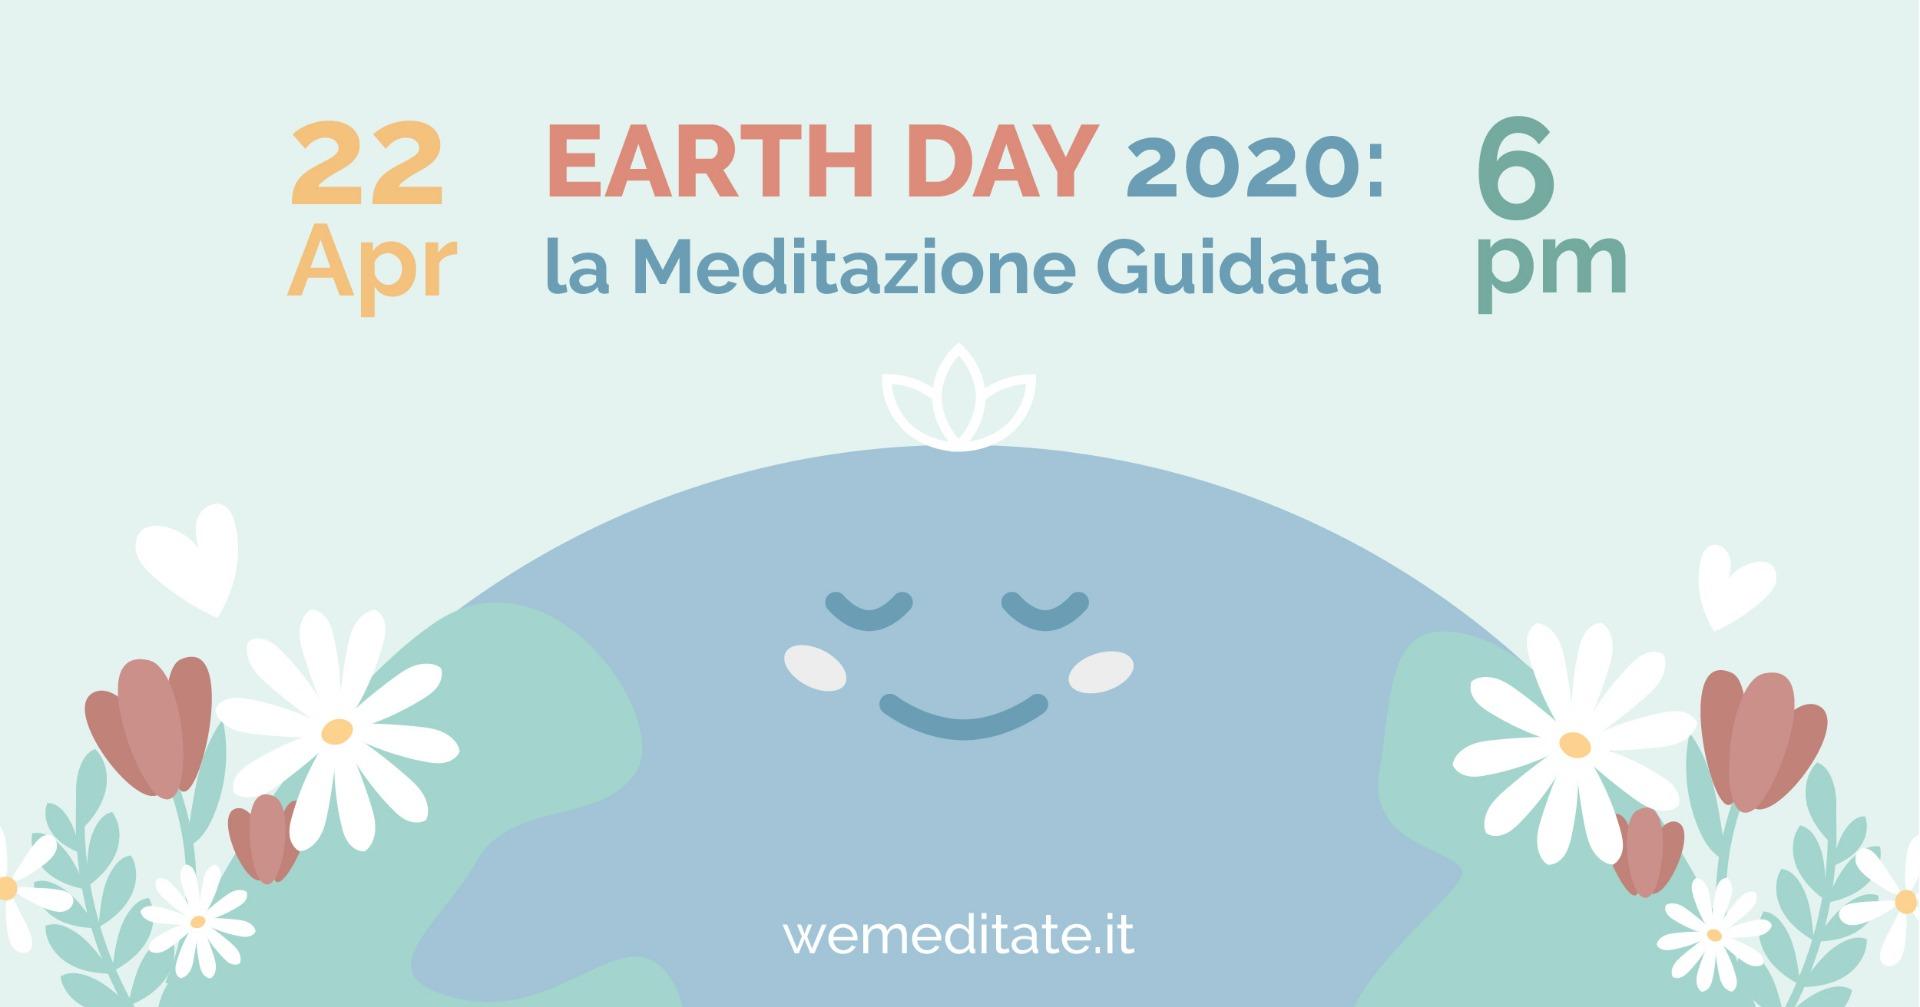 EARTH DAY 2020: La Meditazione Guidata